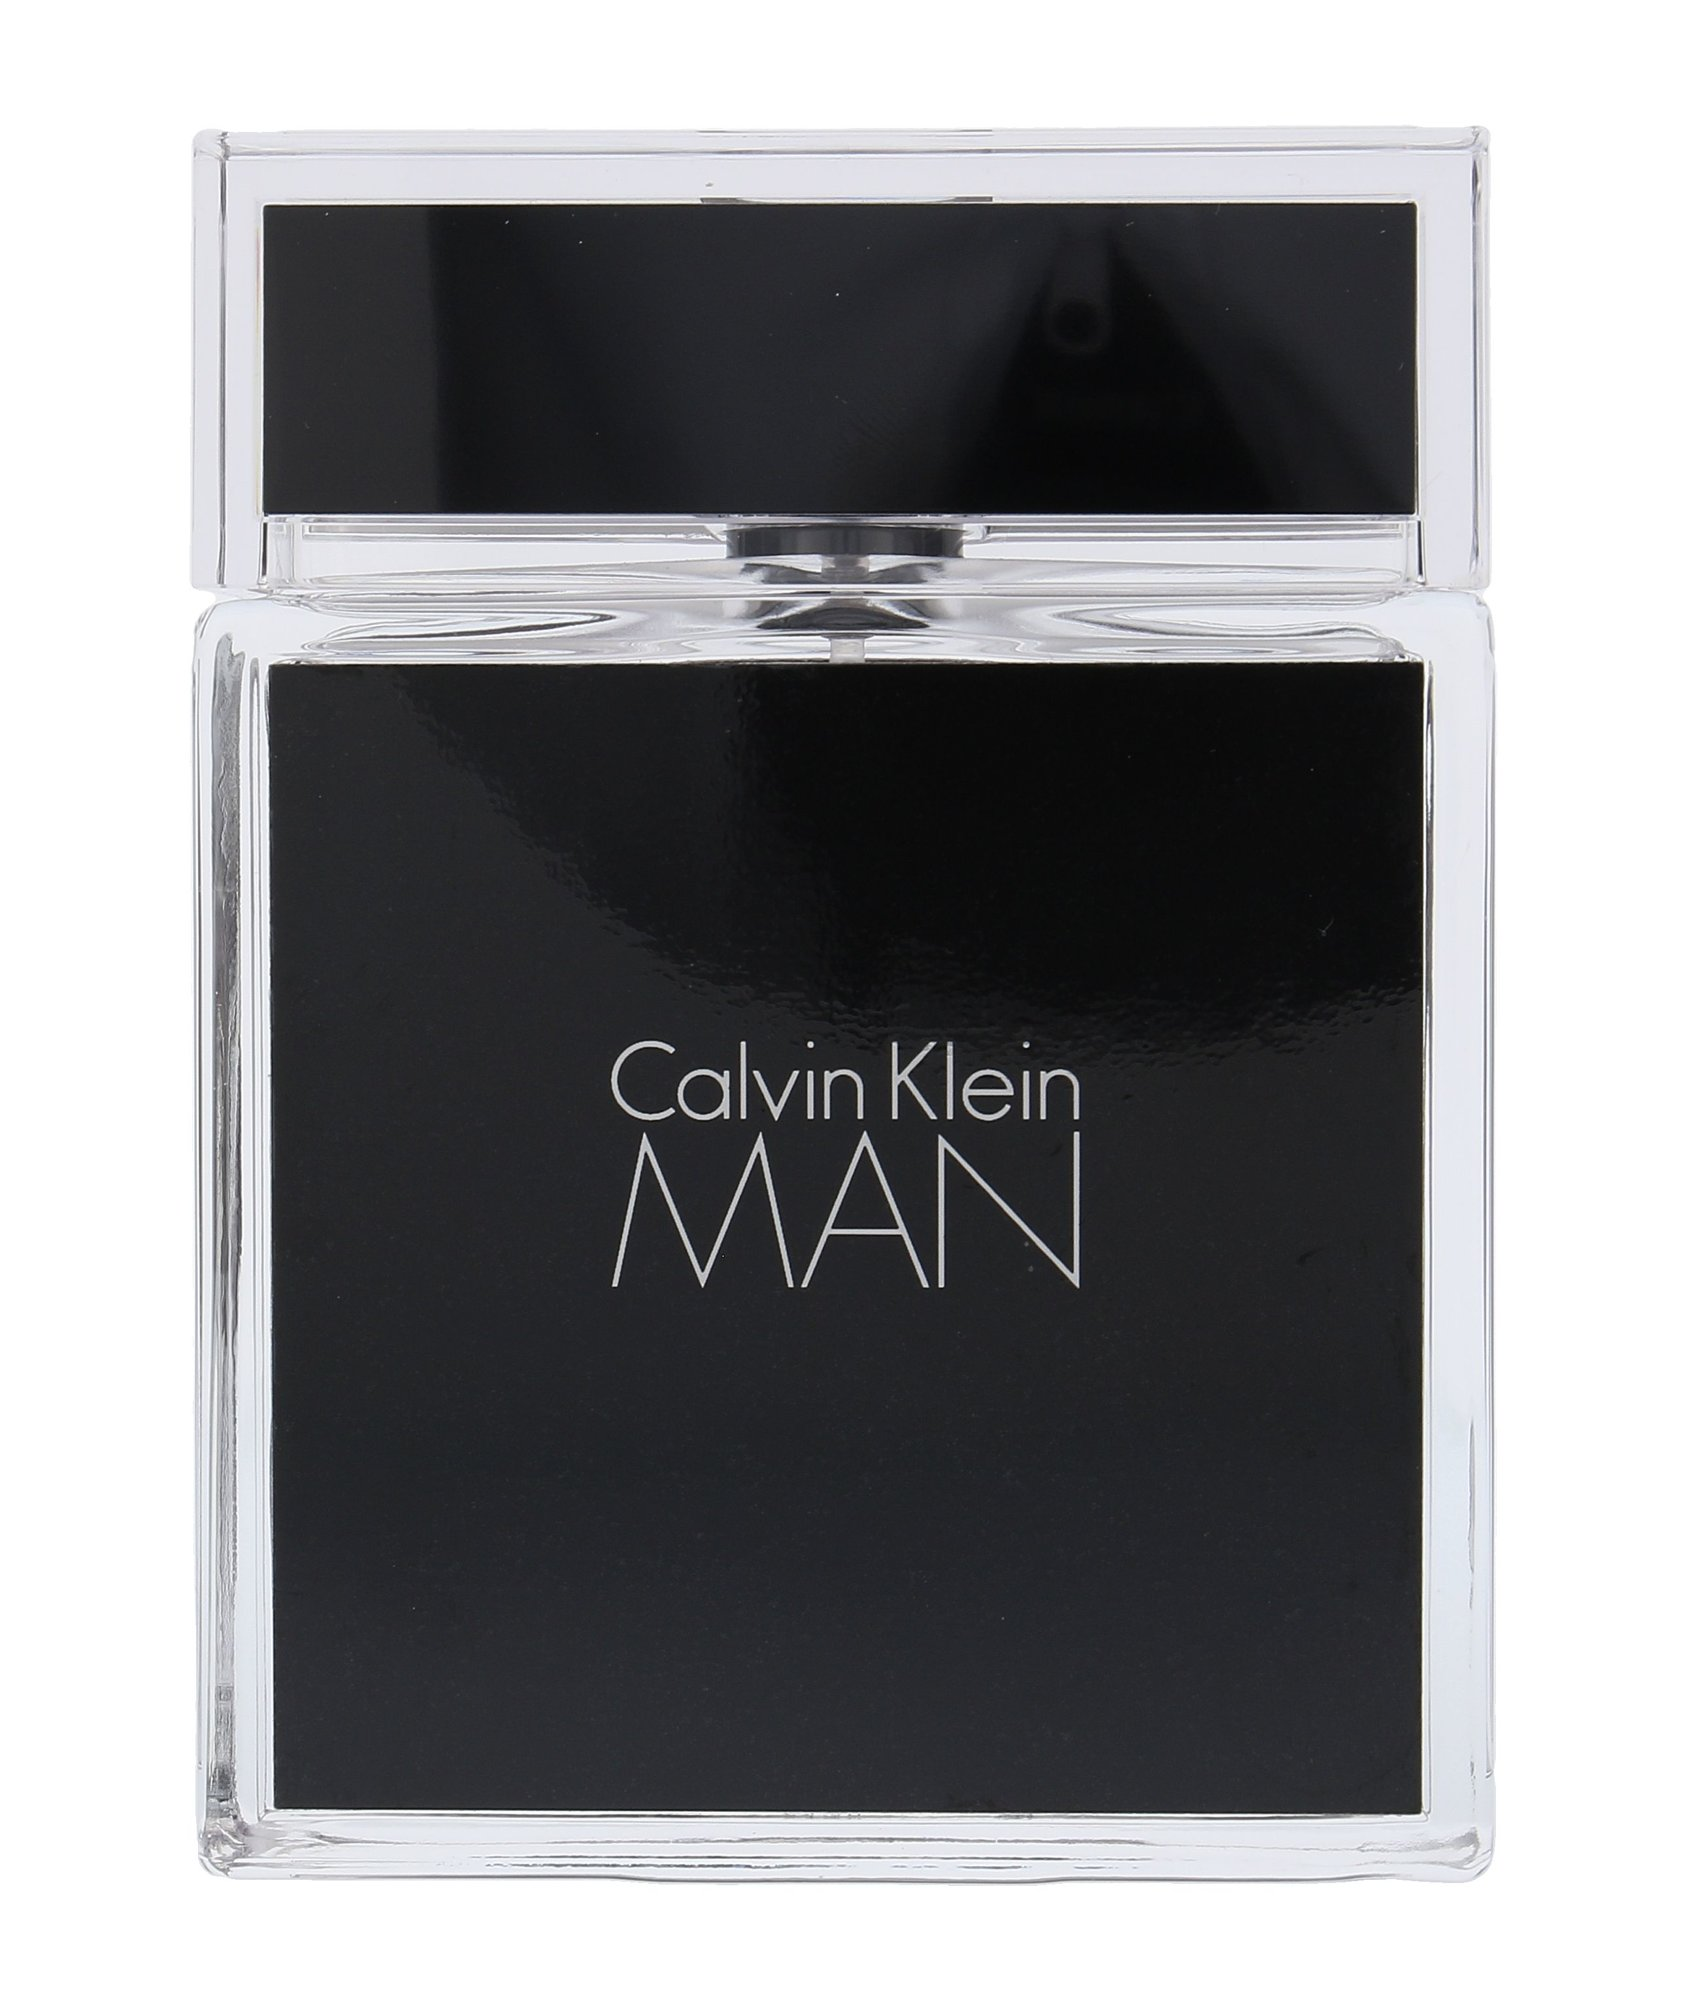 Calvin Klein Man EDT 100ml